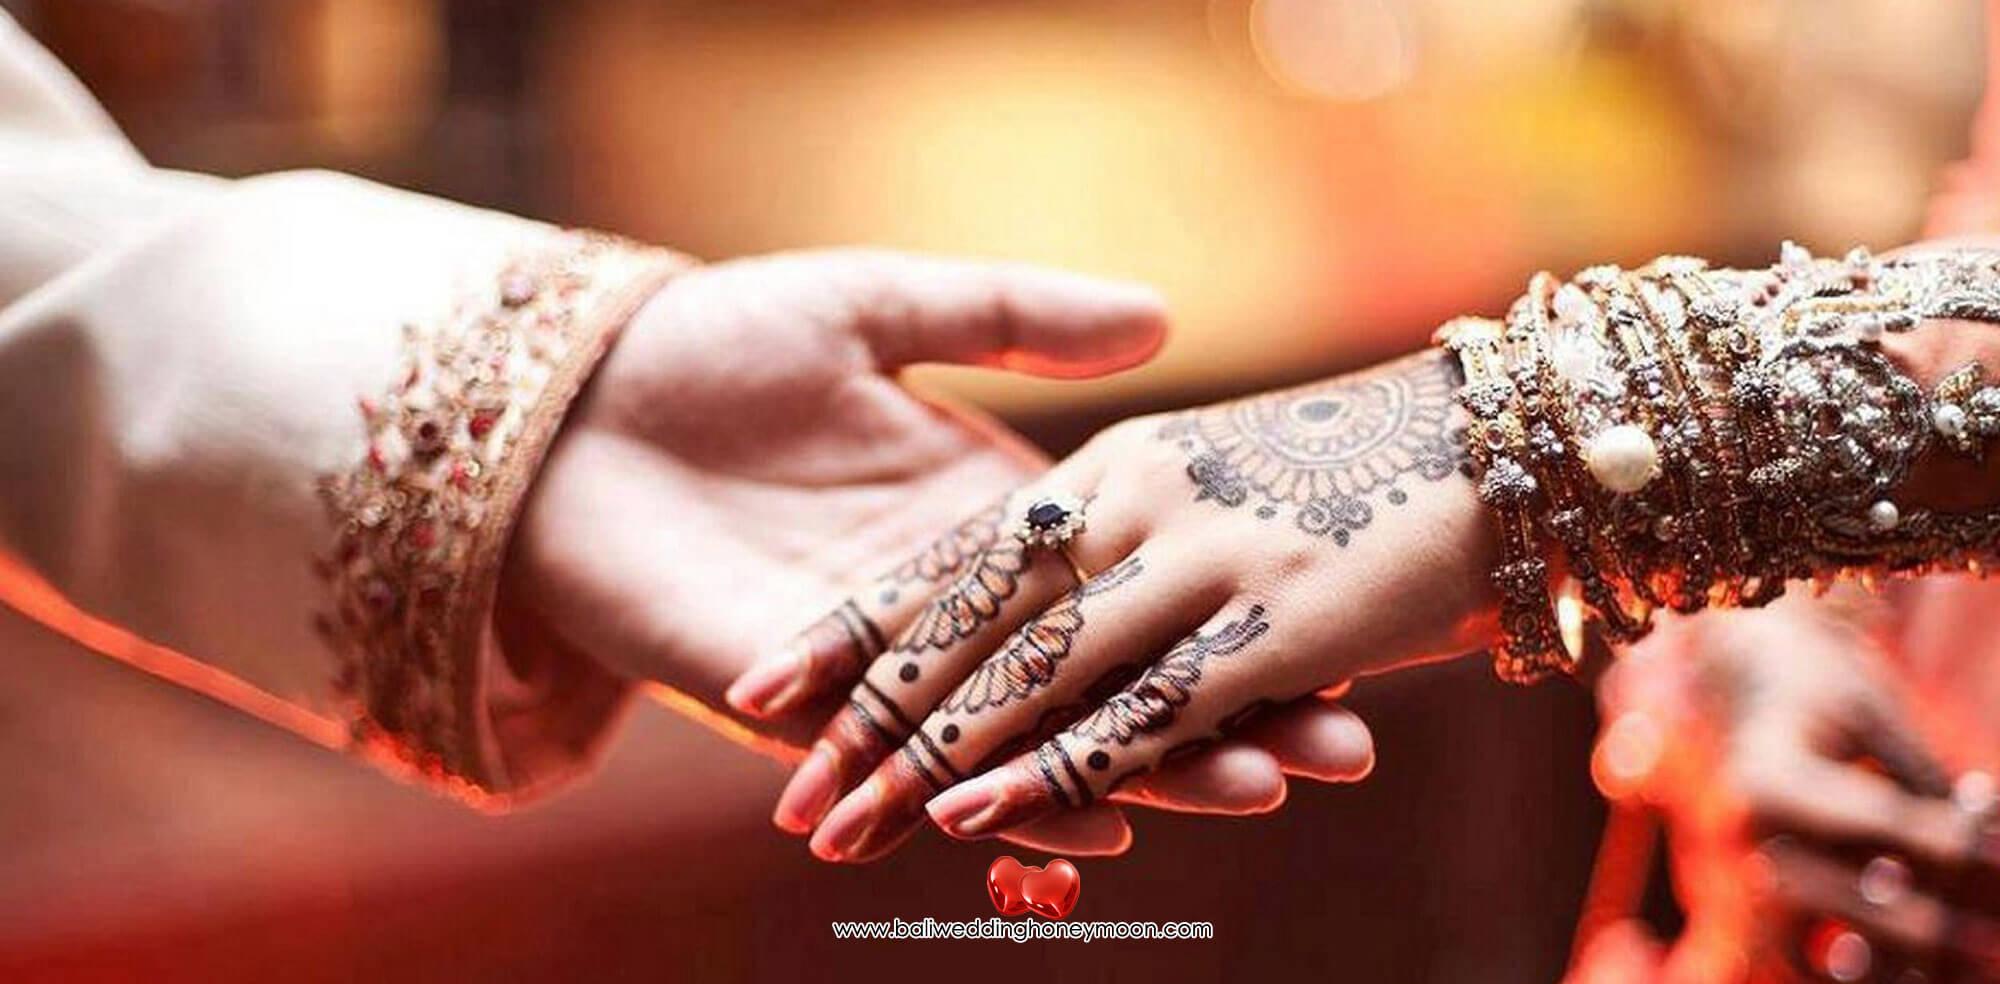 baliweddinghoneymoon-baliweddingplanner-baliweddingorganizer-indianwedding